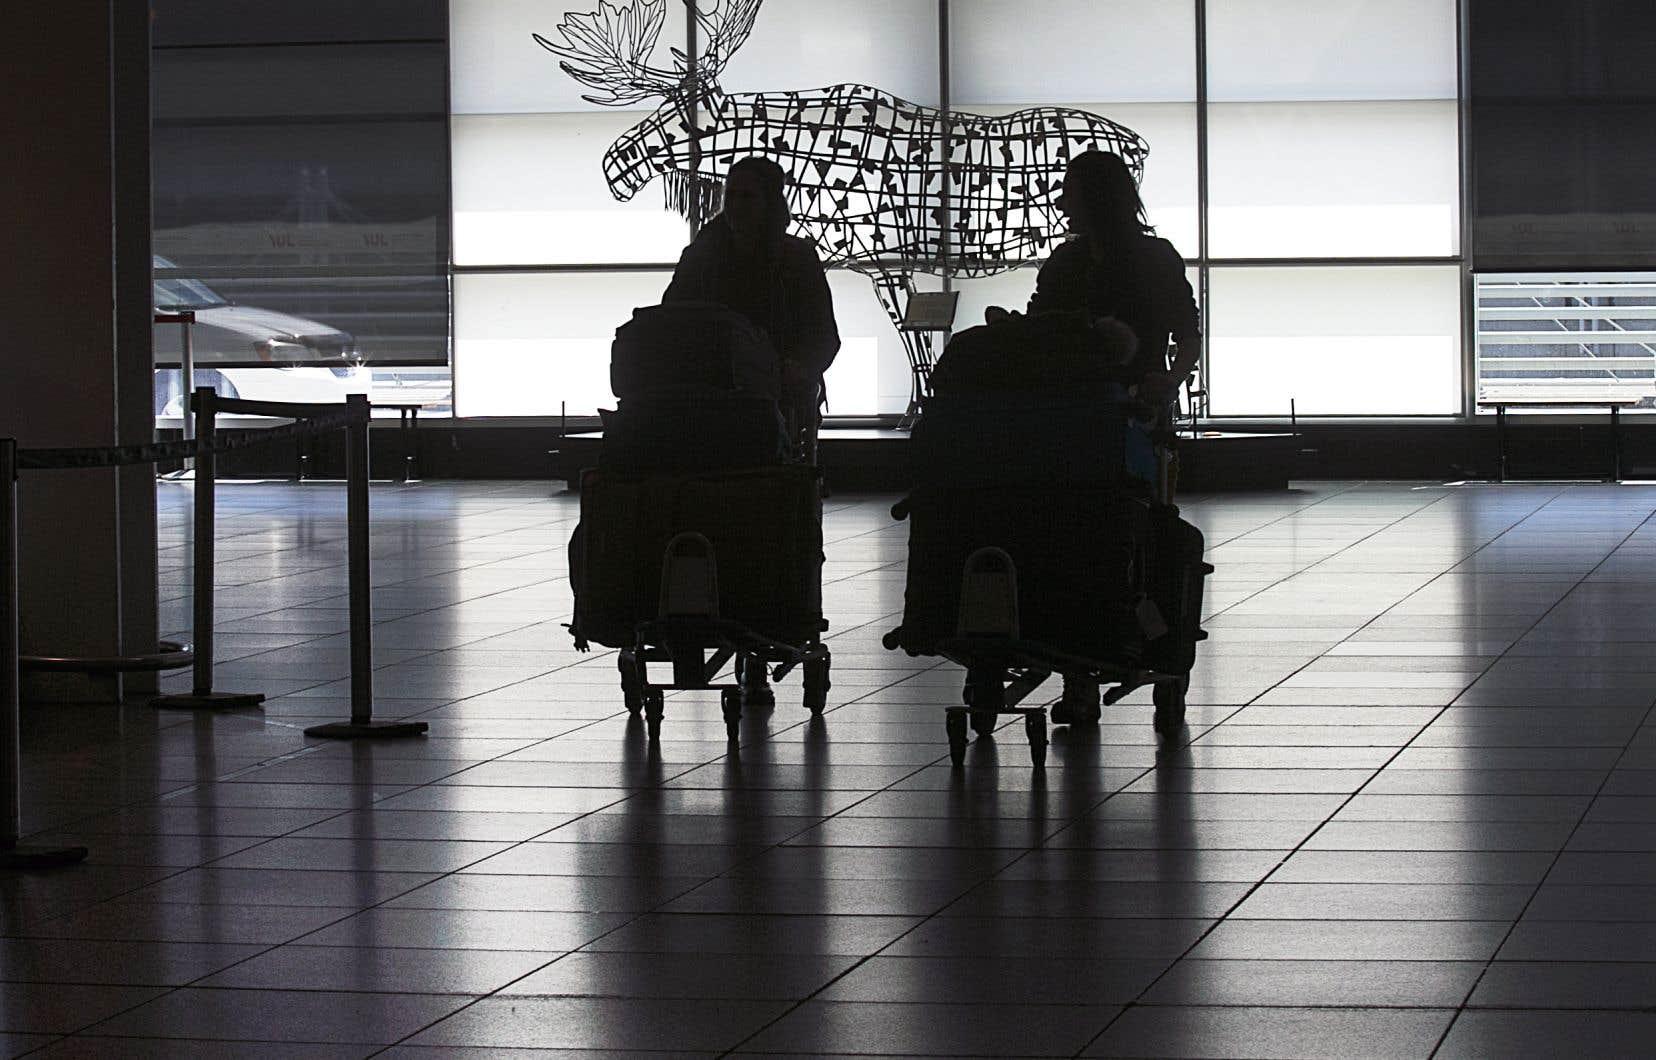 Des documents internes de Transports Canada et de l'Office des transports semblent indiquer que le gouvernement a pris plus de sept mois pour réagir après avoir pris connaissance des «failles» dans sa réglementation.